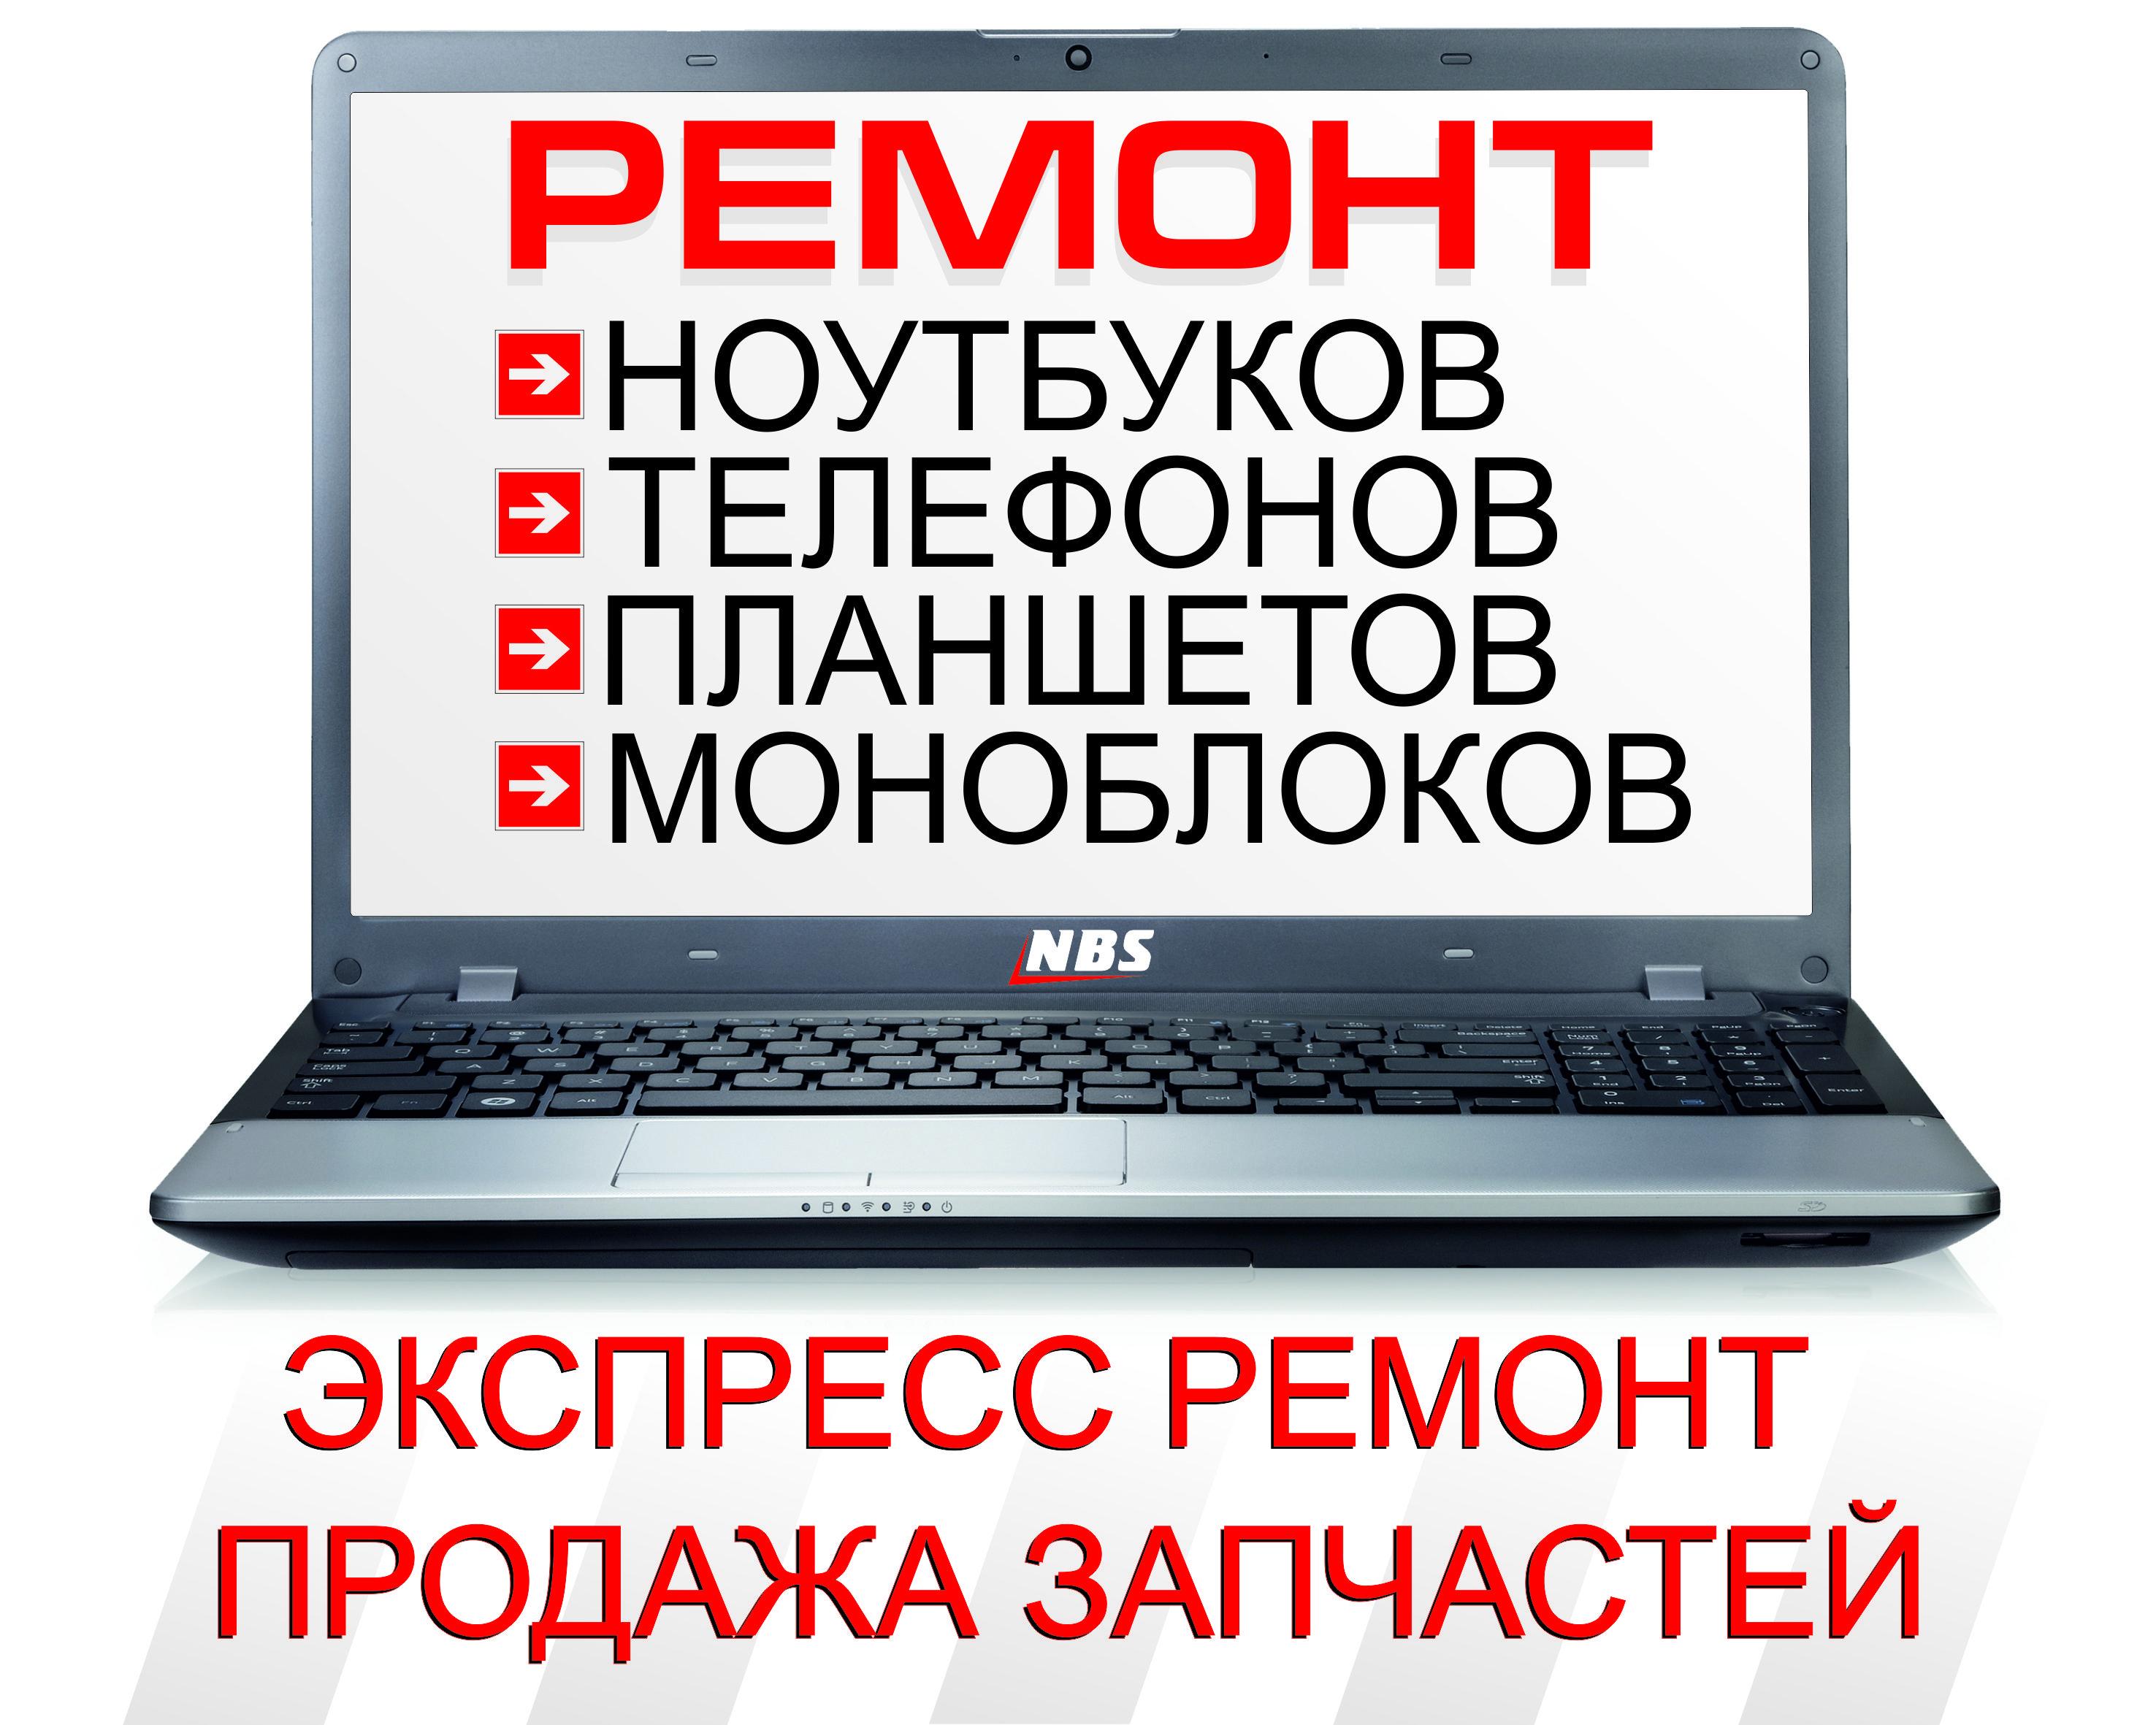 Ремонт компьютерной и орг техники